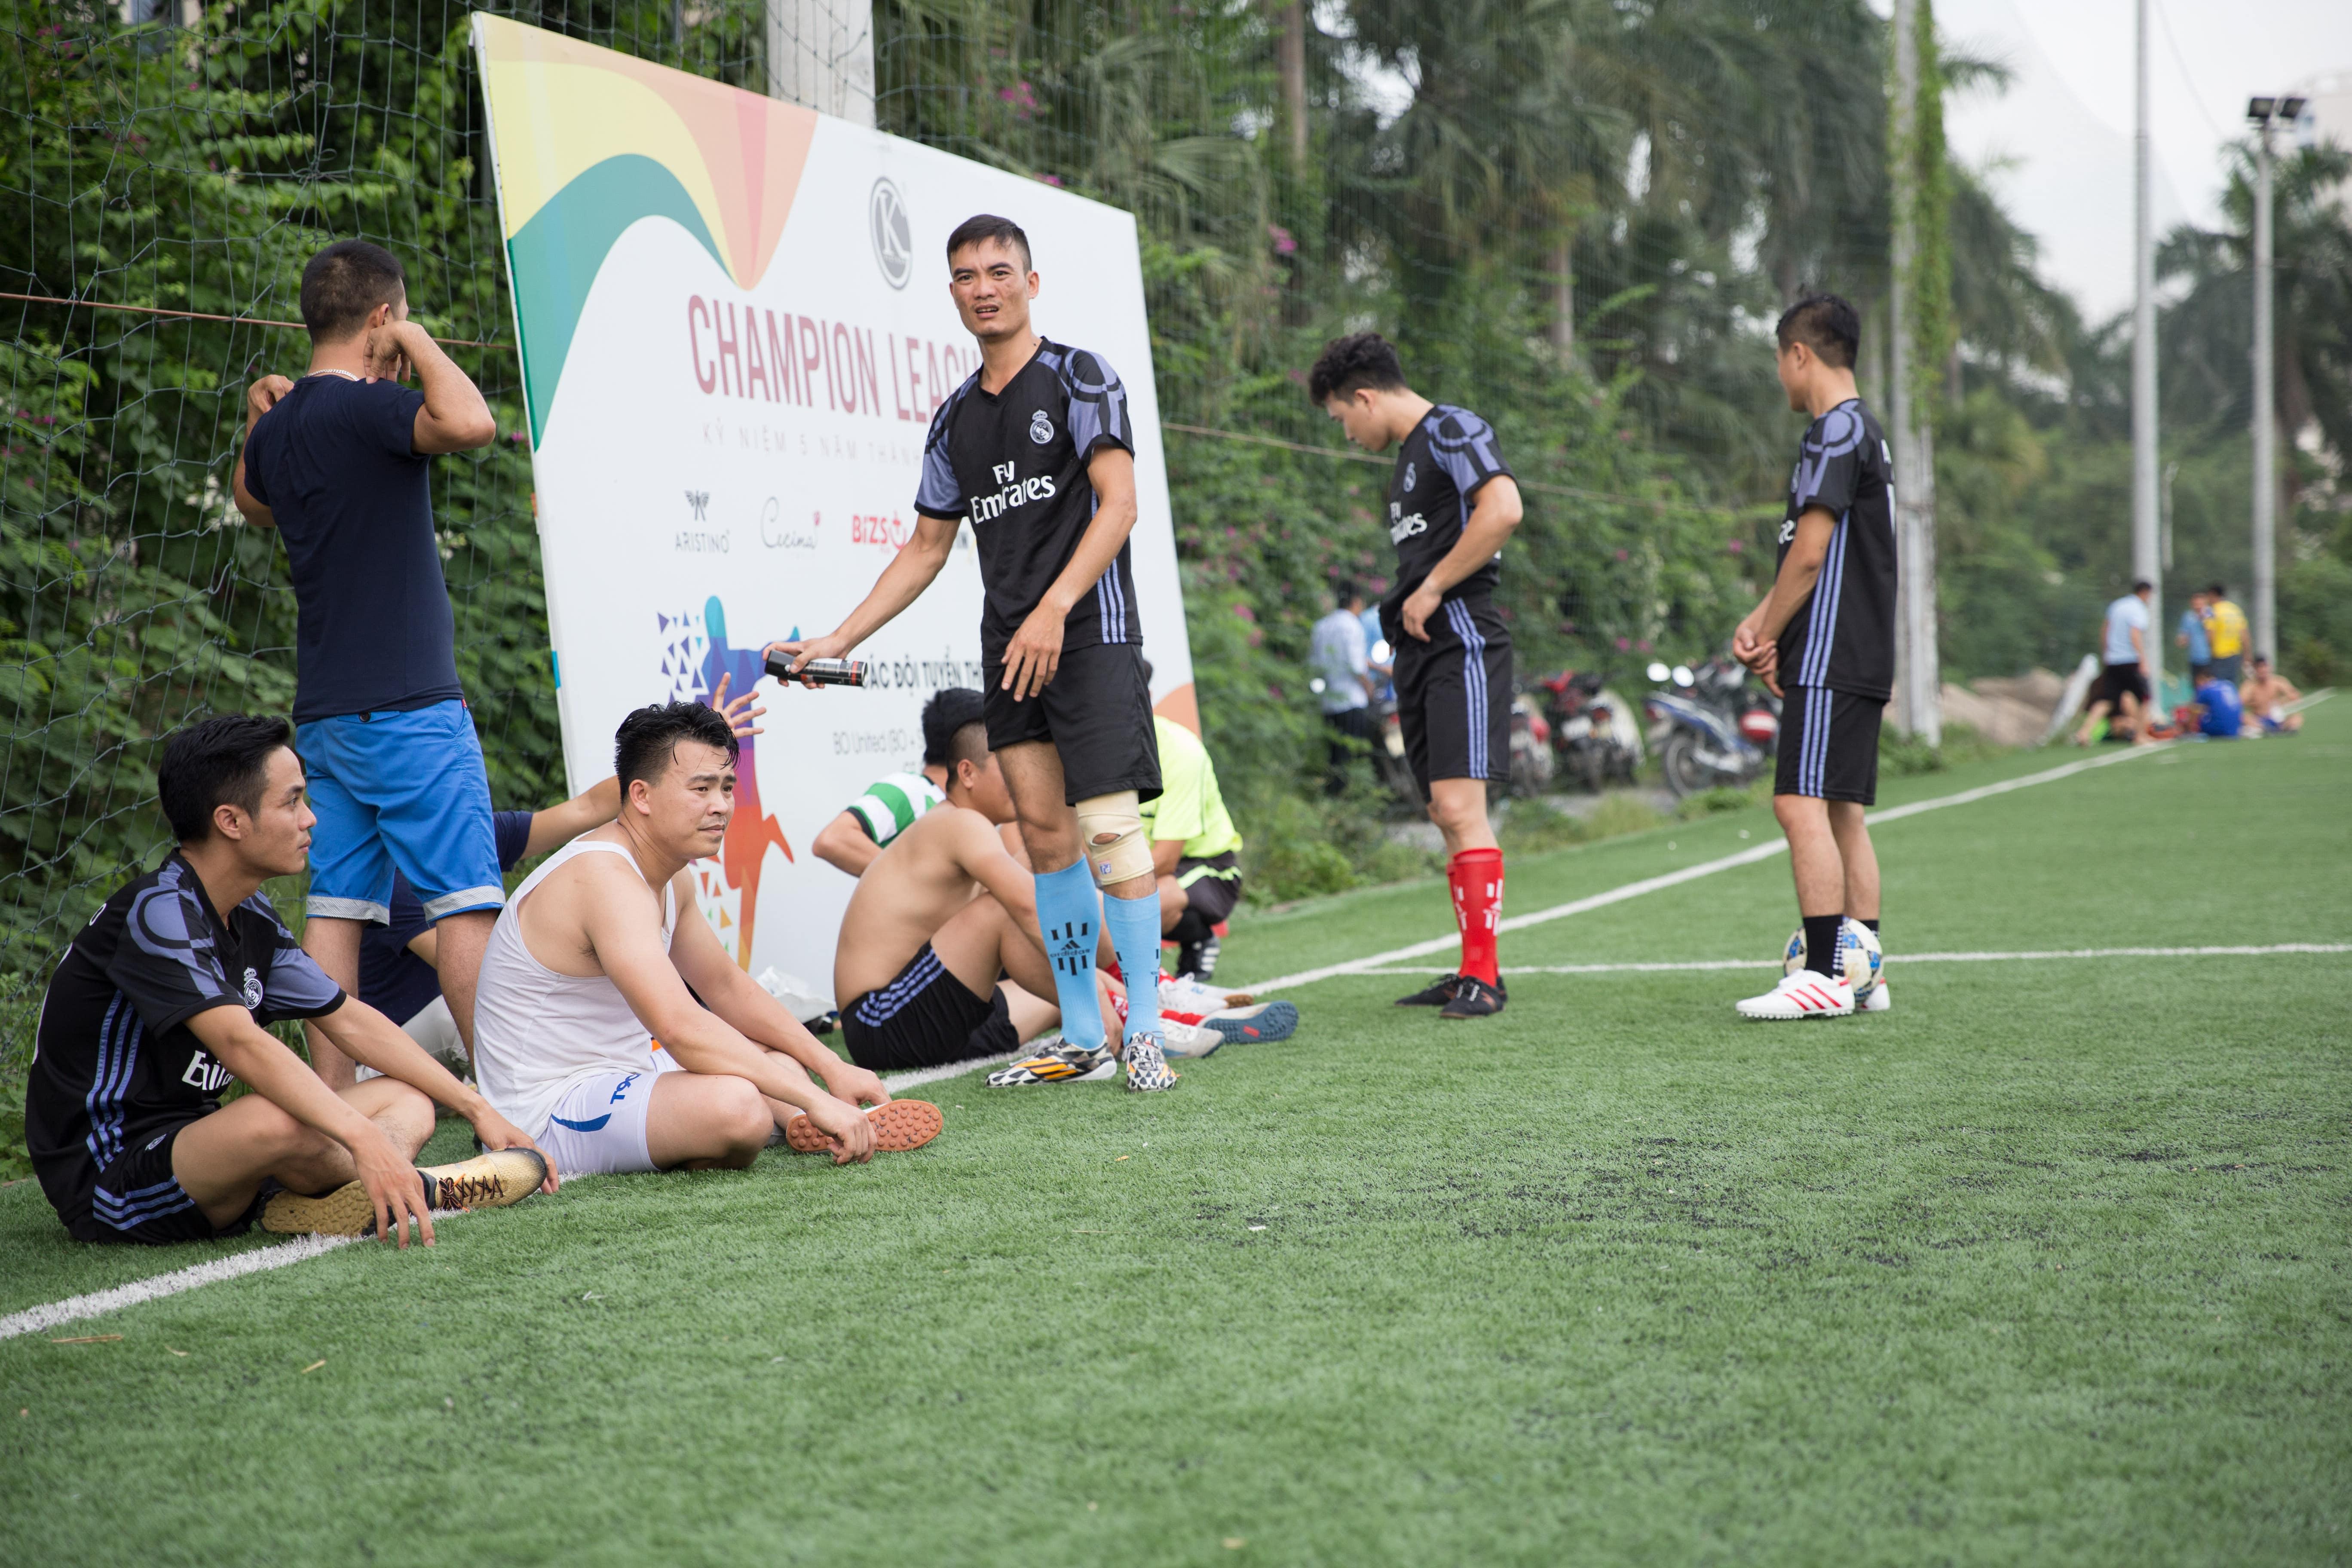 Cầu thủ Công Dẫn dù bị chấn thương nghiêm trọng nhưng anh vẫn kiên trì tới phút cuối với hy vọng cứu vớt tỷ số cho đội nhà.